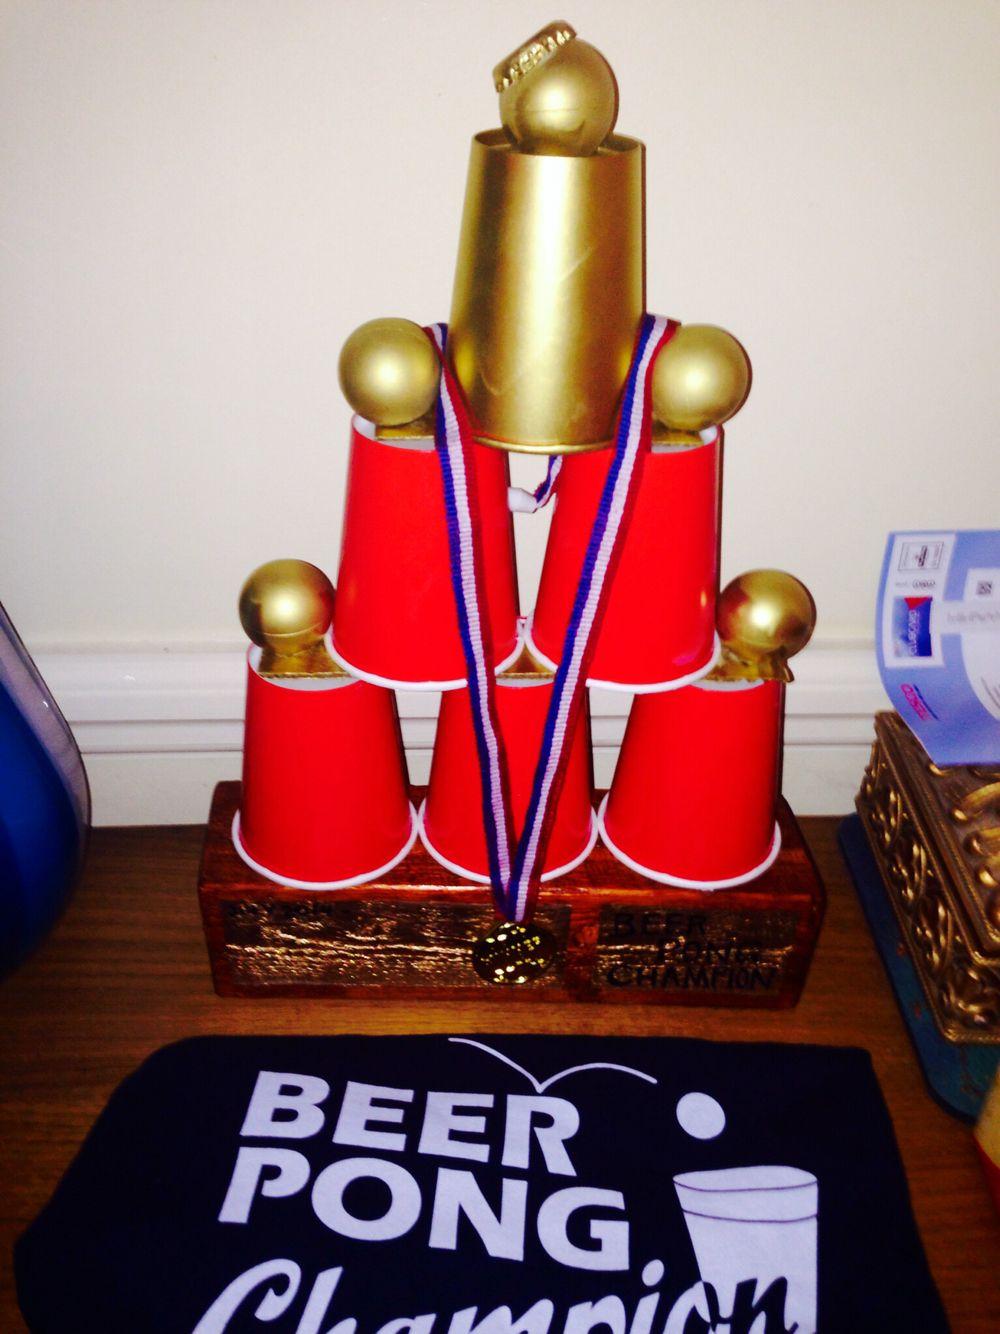 Beer Pong Trophy Pinterest hawaiimeshele Beer pong